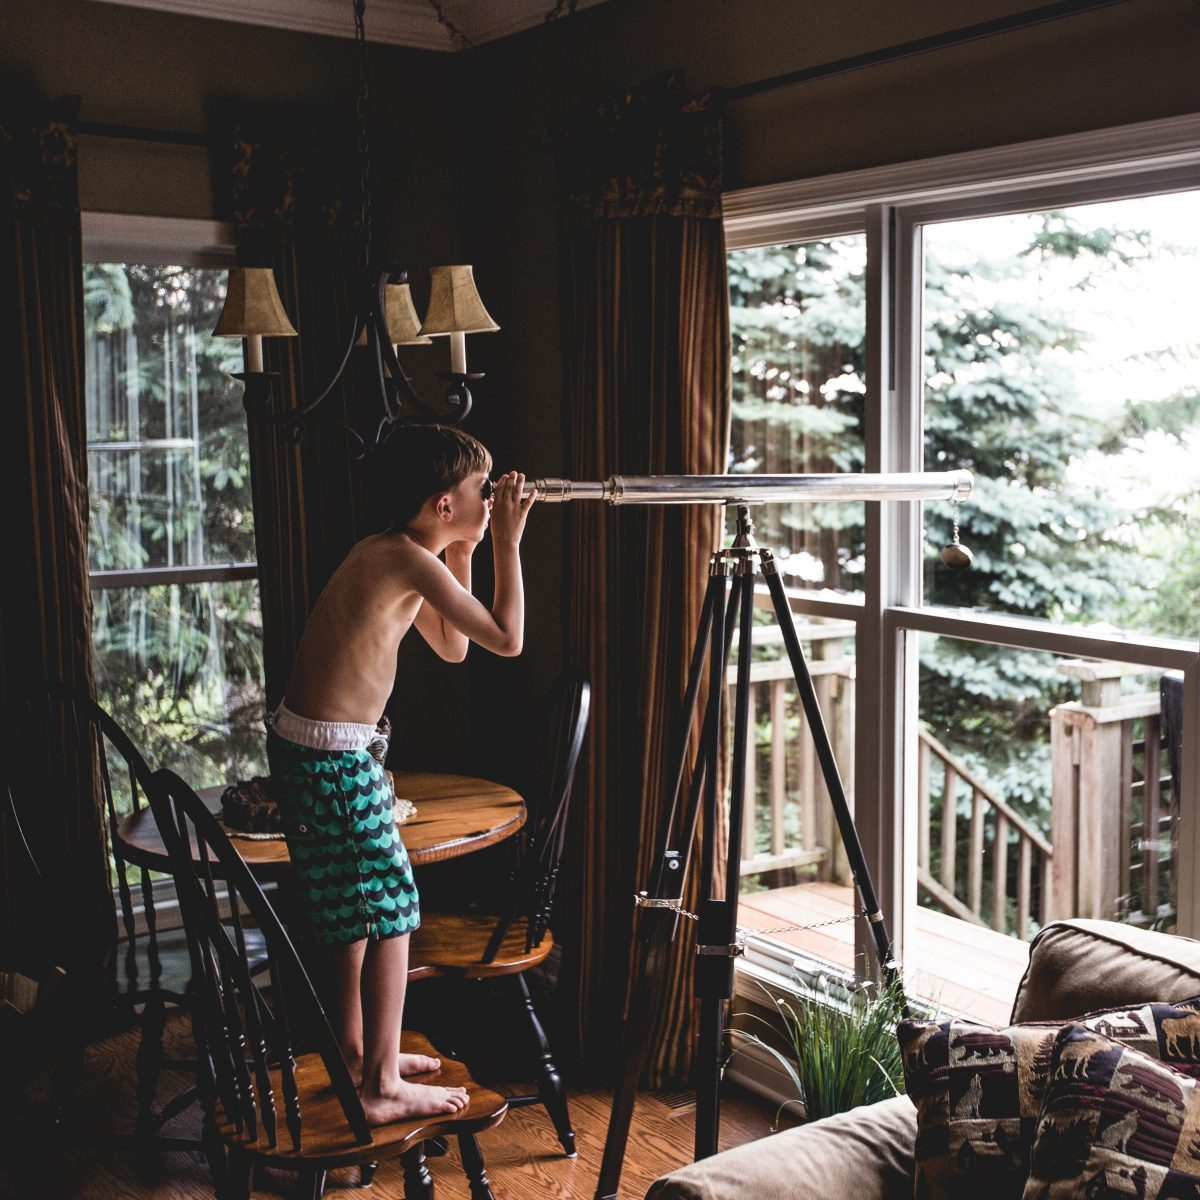 Resgate sua criatividade natural observando a natureza